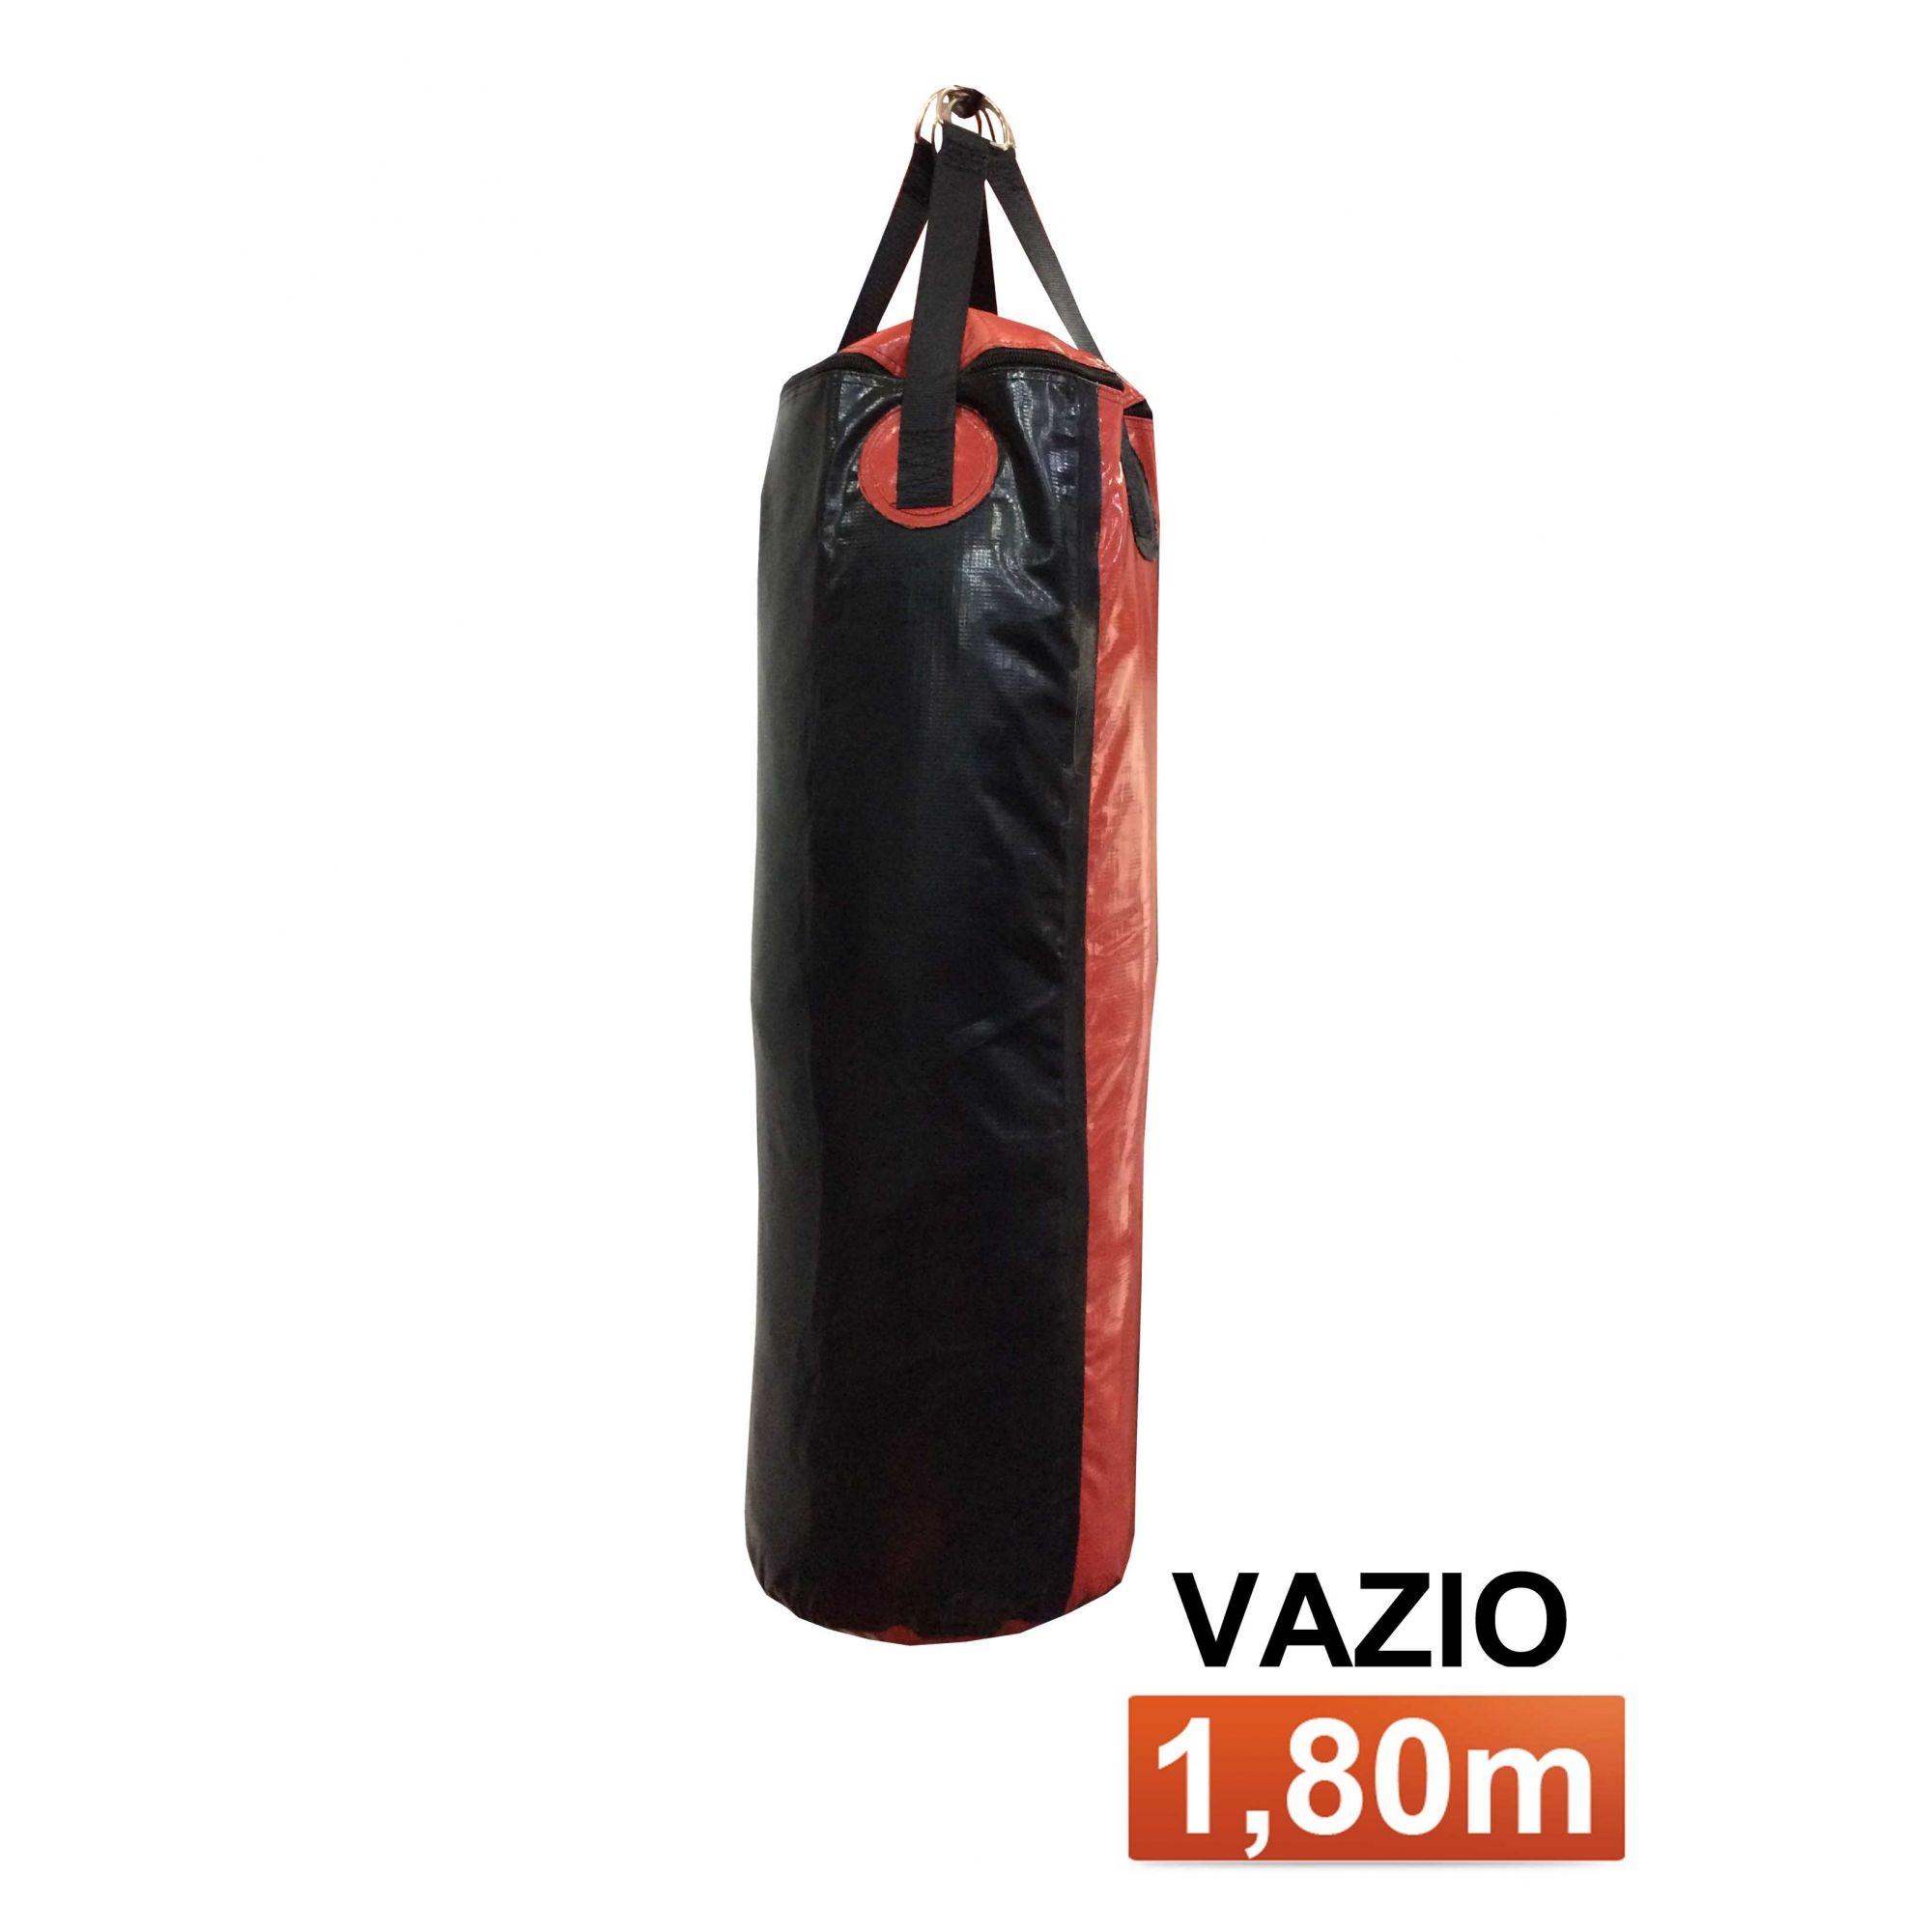 Saco de Pancadas - Lona Náutica - Vazio - 1,80m- Toriuk  - Loja do Competidor